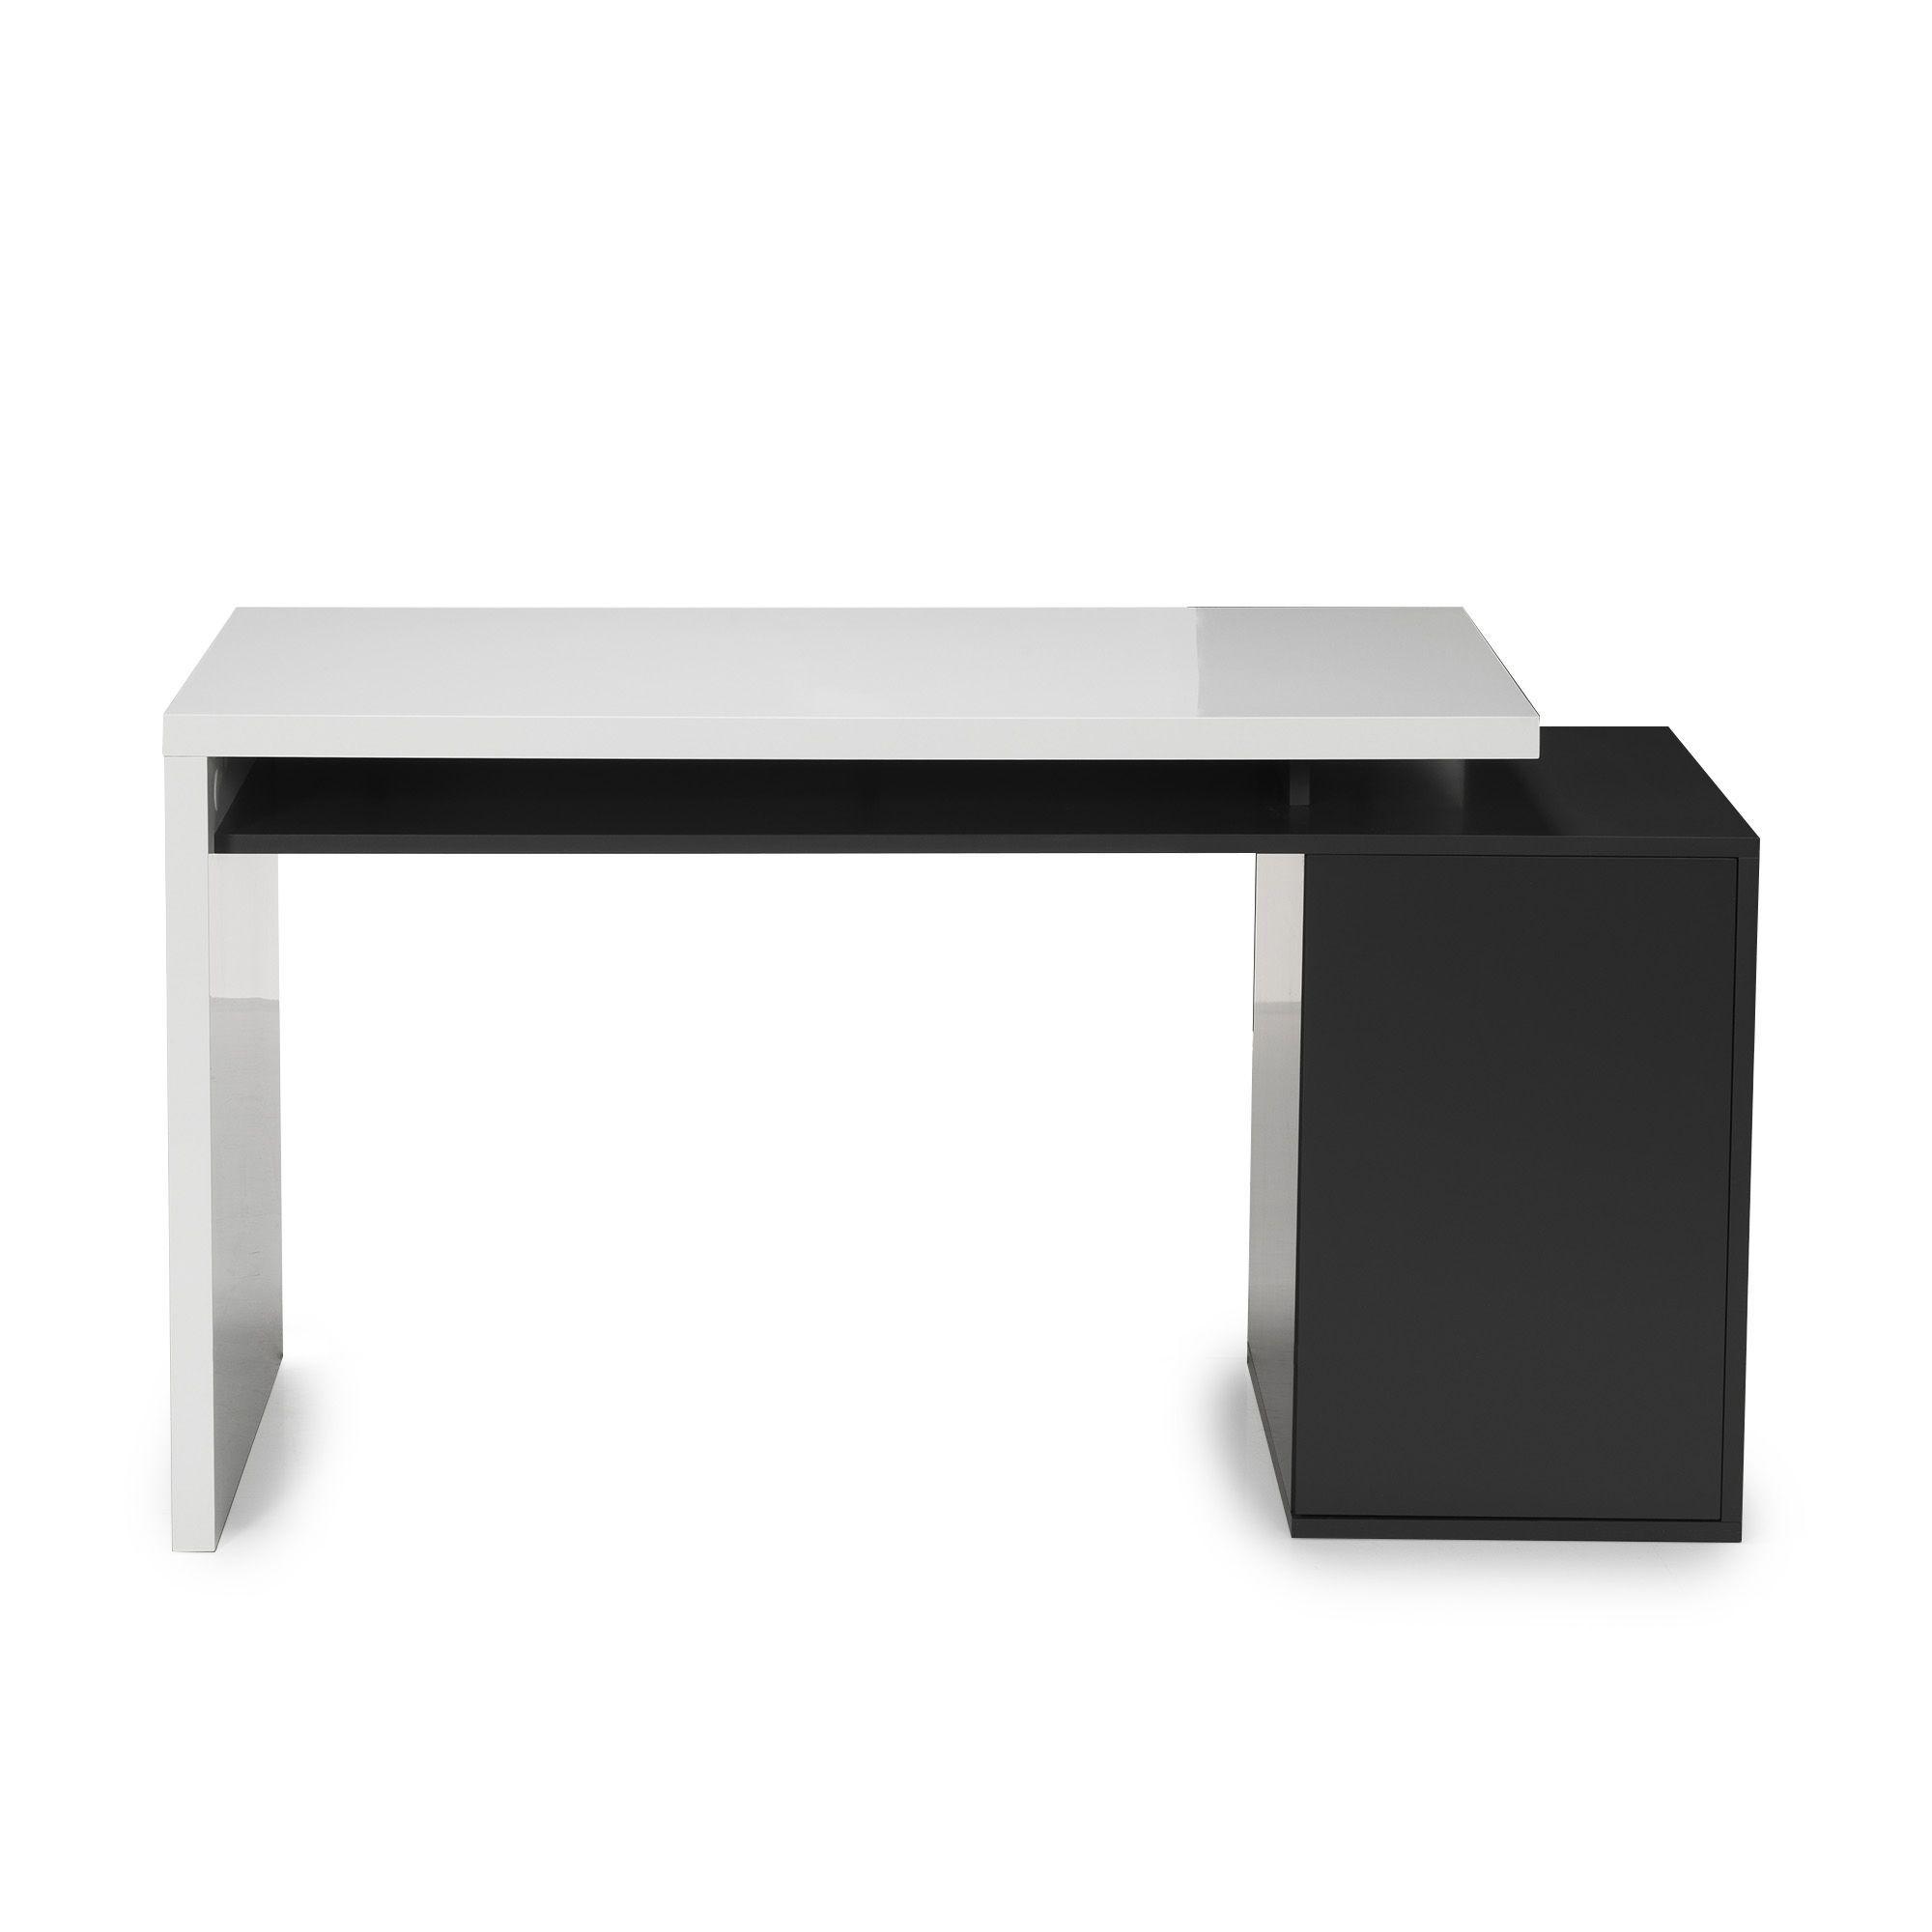 Bureau style moderne avec caisson int gr blanc gris for Bureau moderne blanc